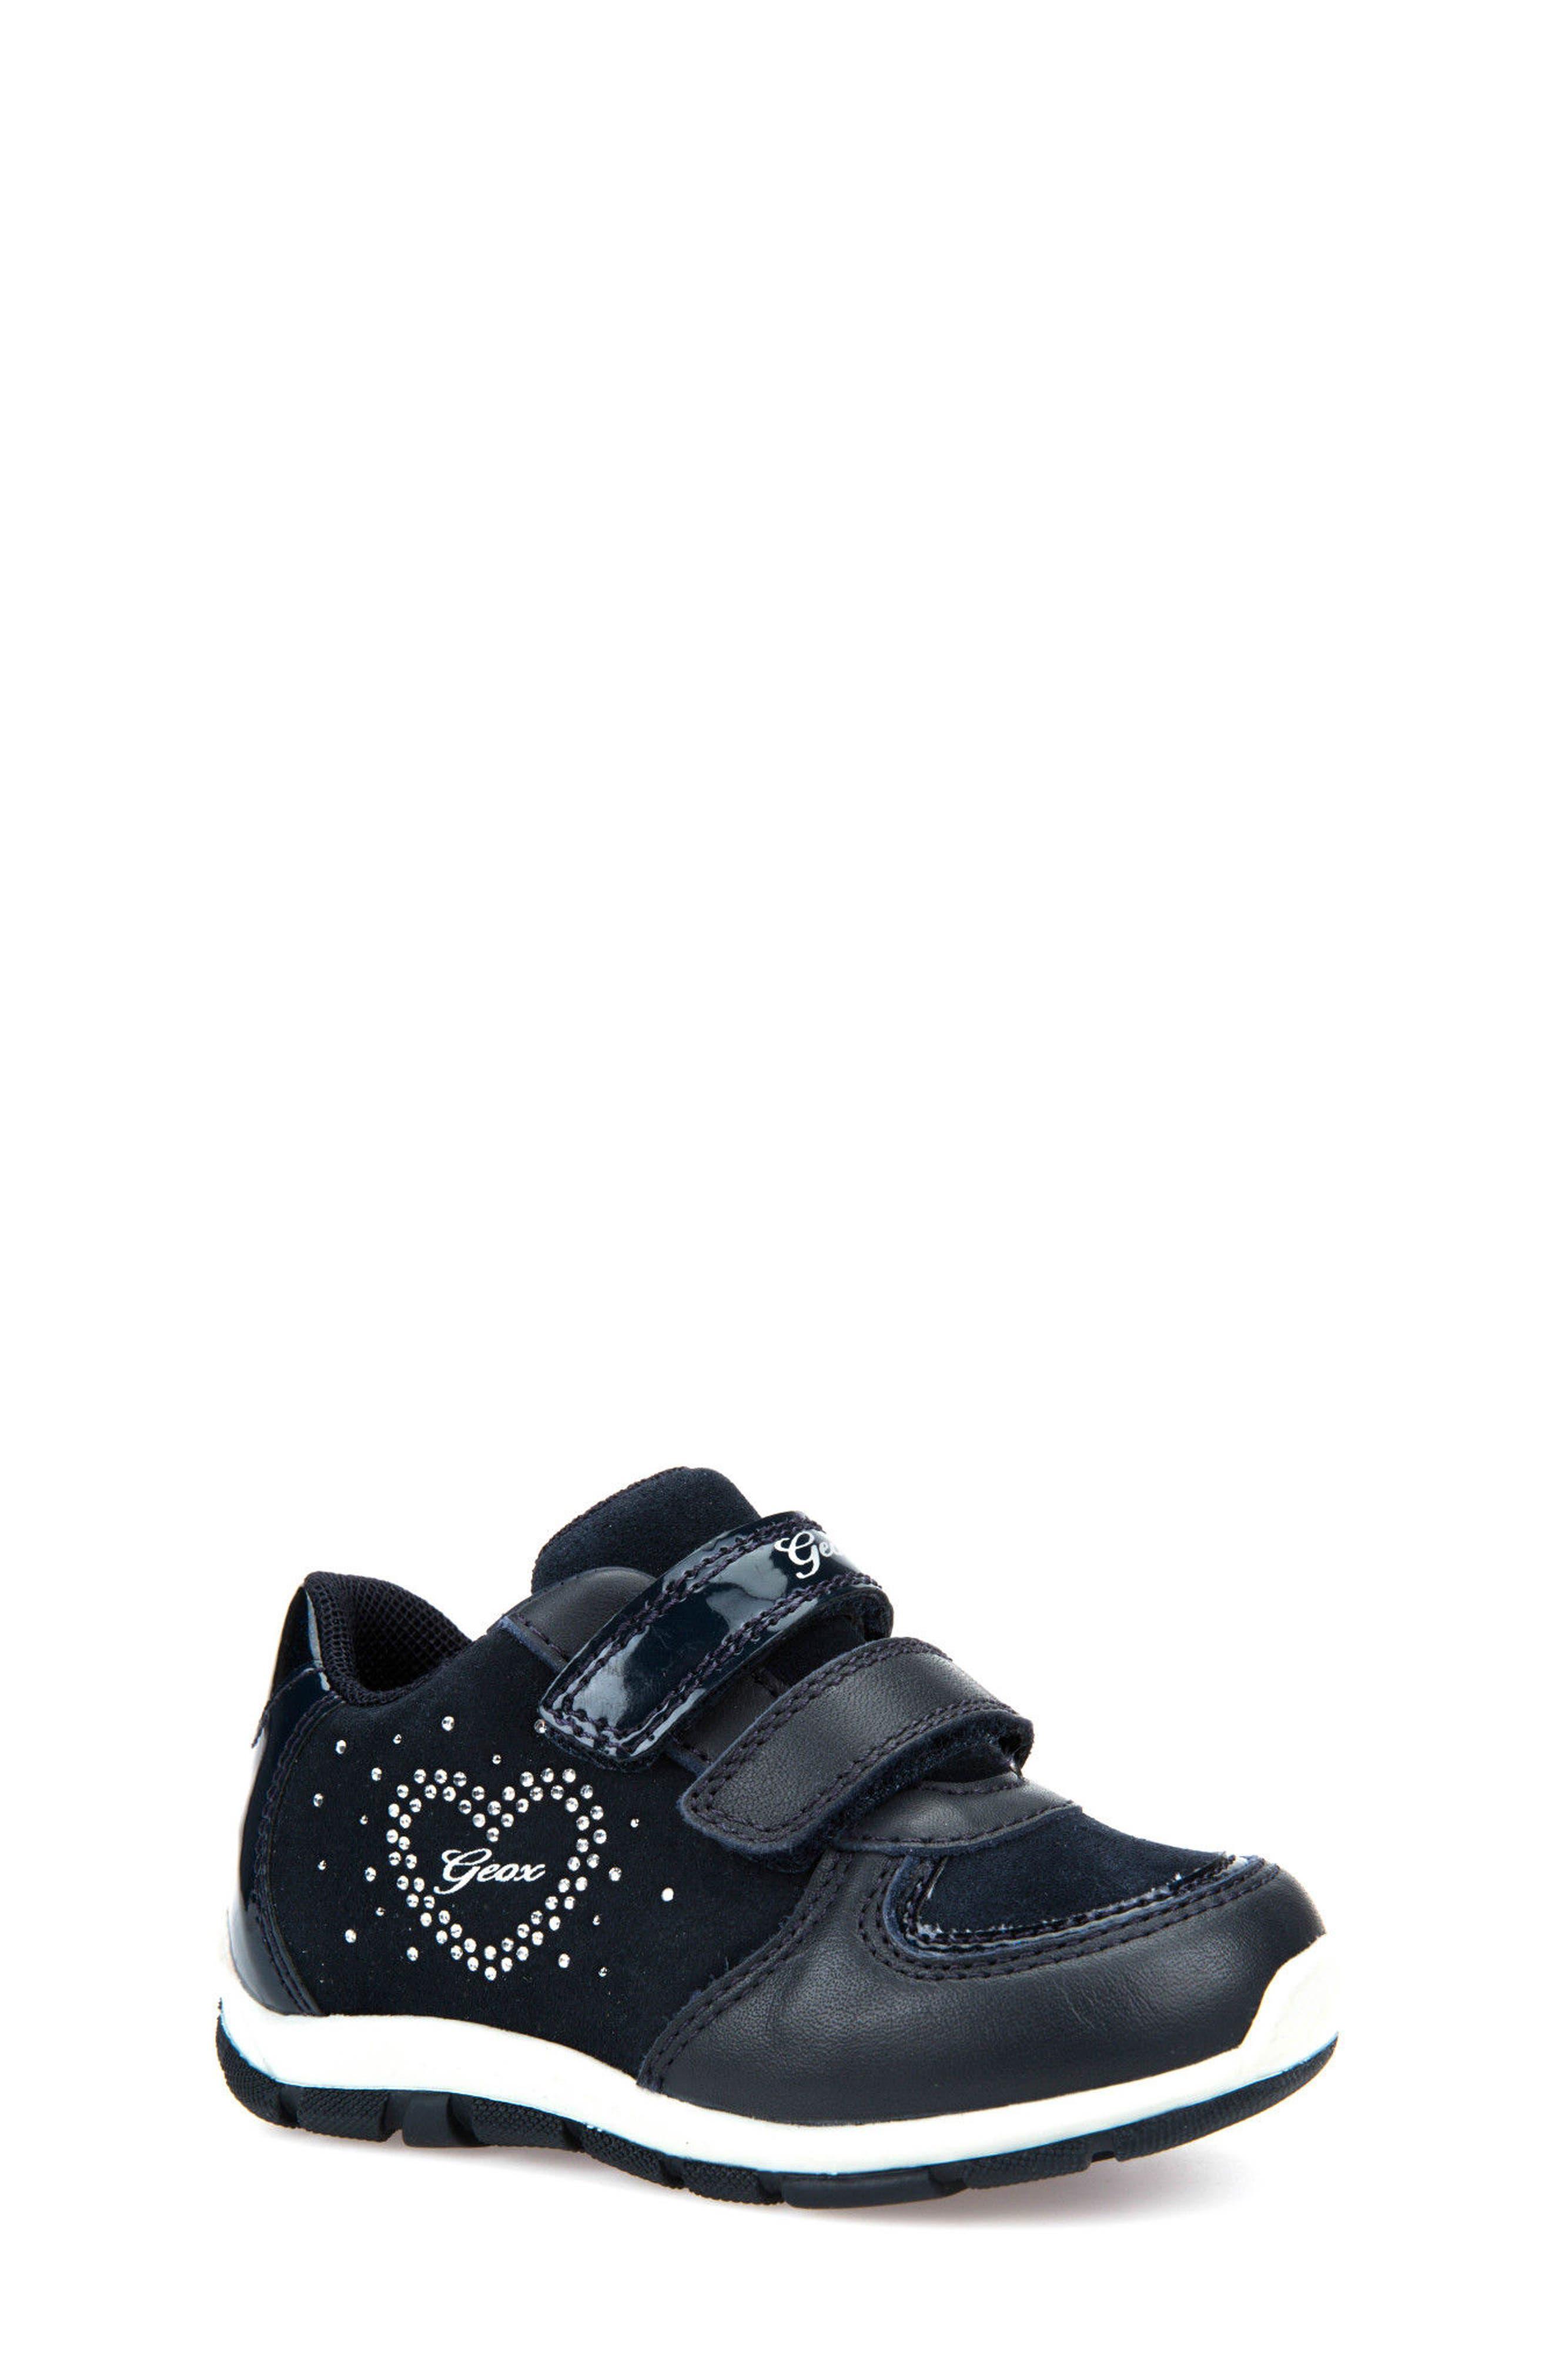 Alternate Image 1 Selected - Geox Shaax Love Sneaker (Walker & Toddler)